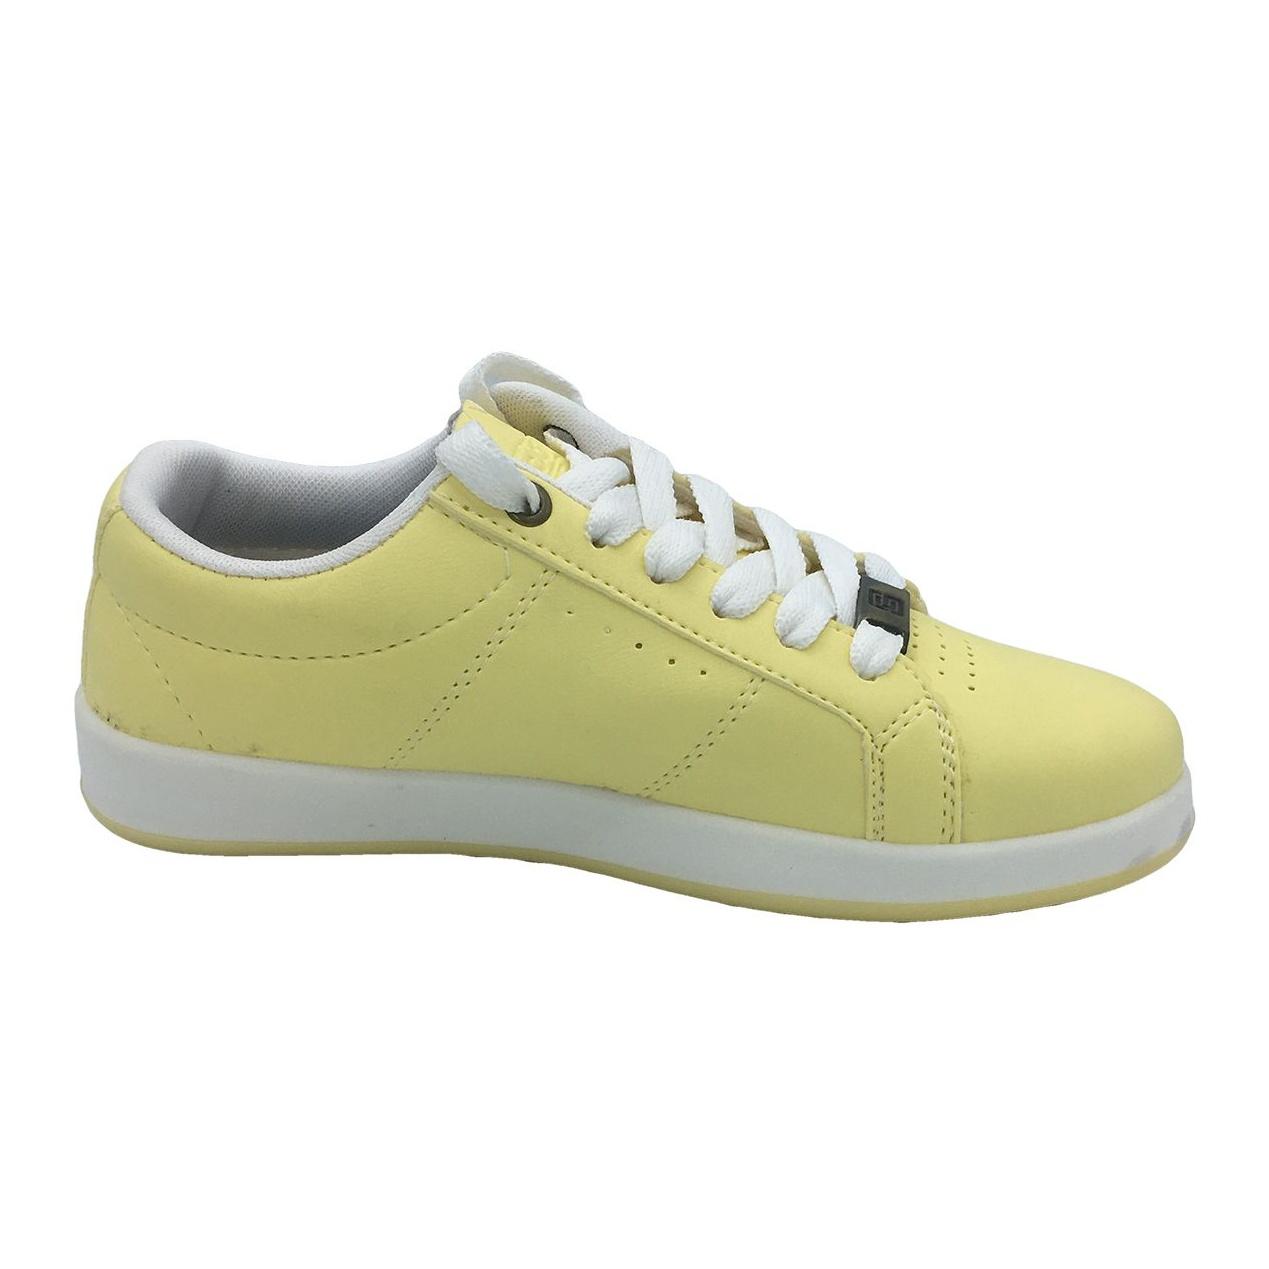 کفش مخصوص پیاده روی دخترانه مدل VA-n رنگ لیمویی main 1 2